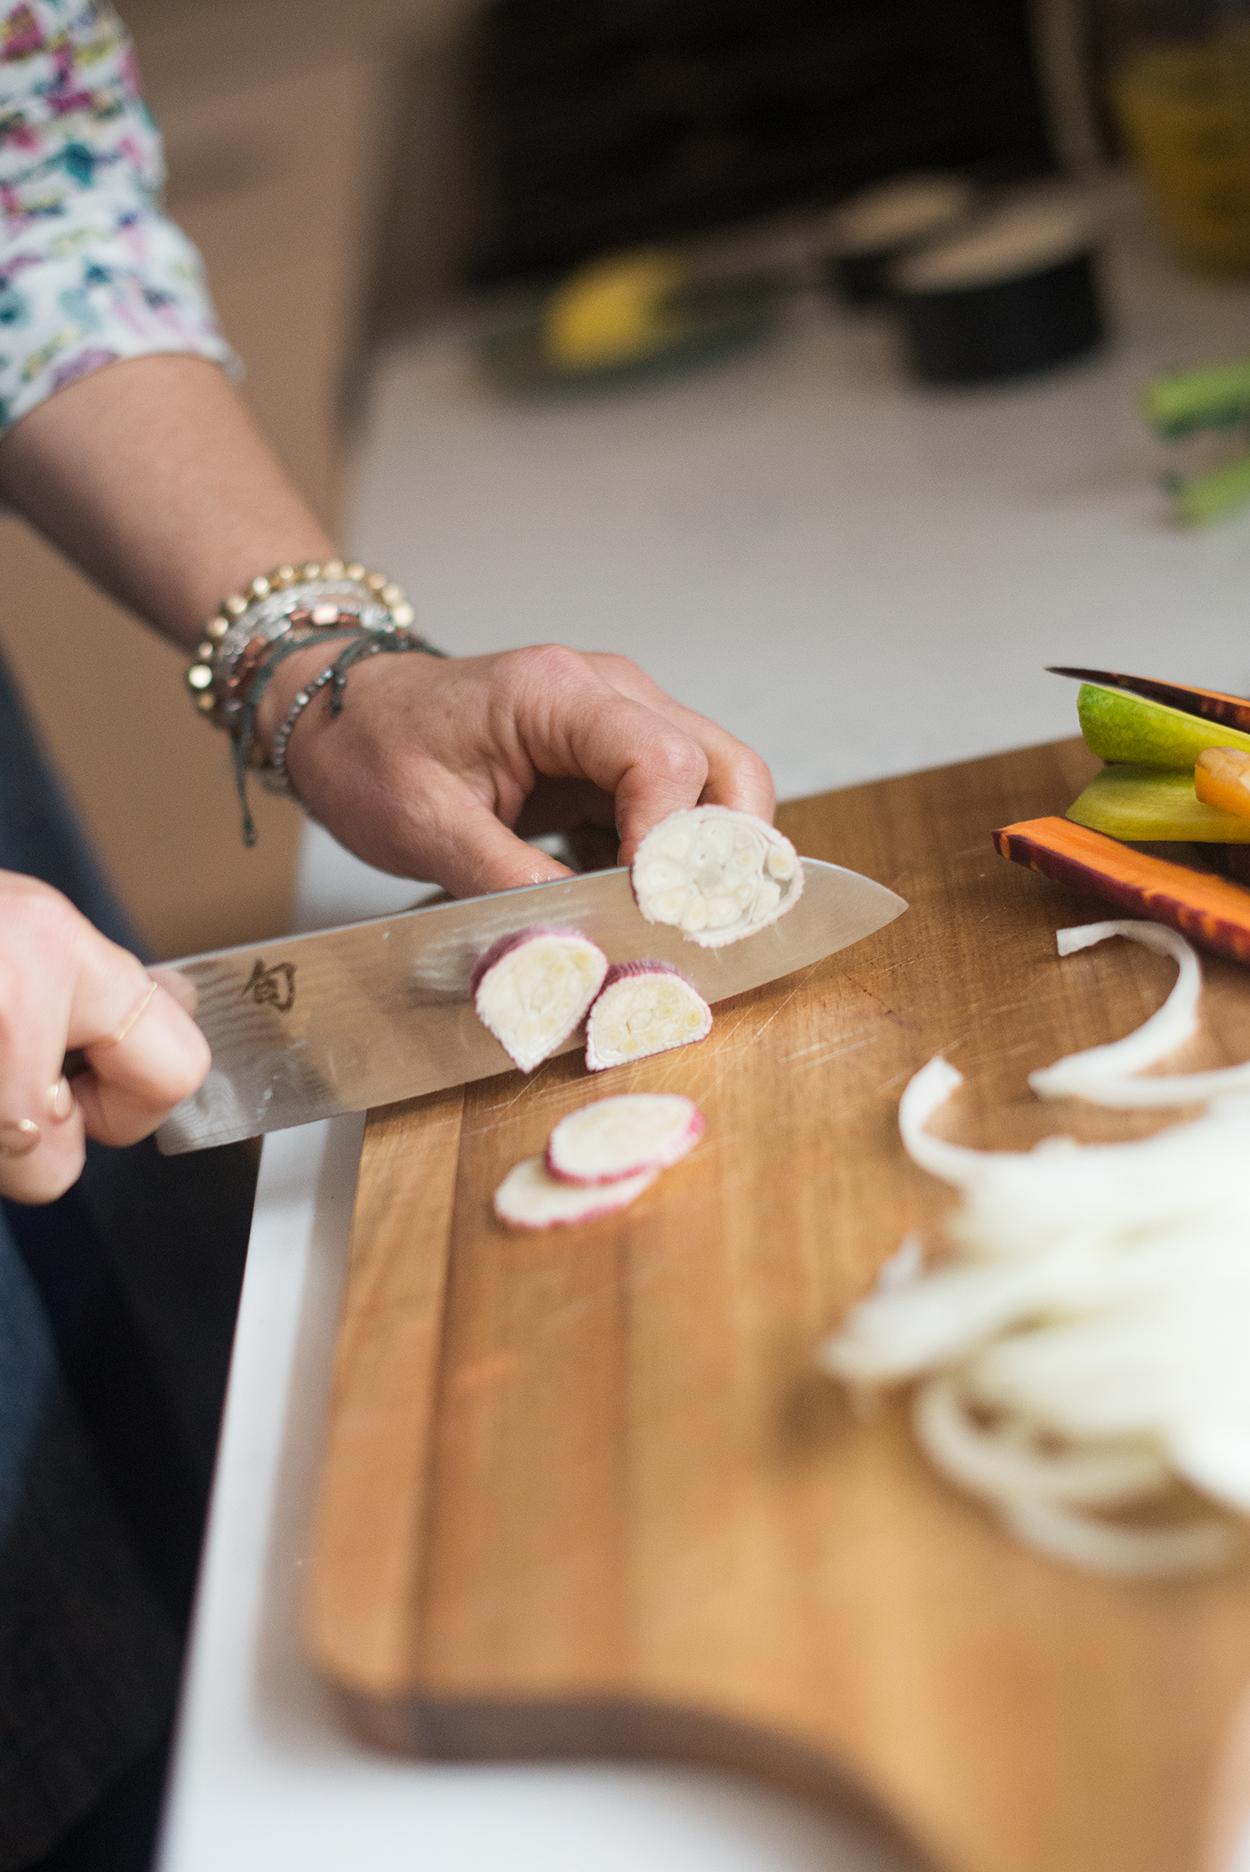 cutting green garlic on a wooden cutting board